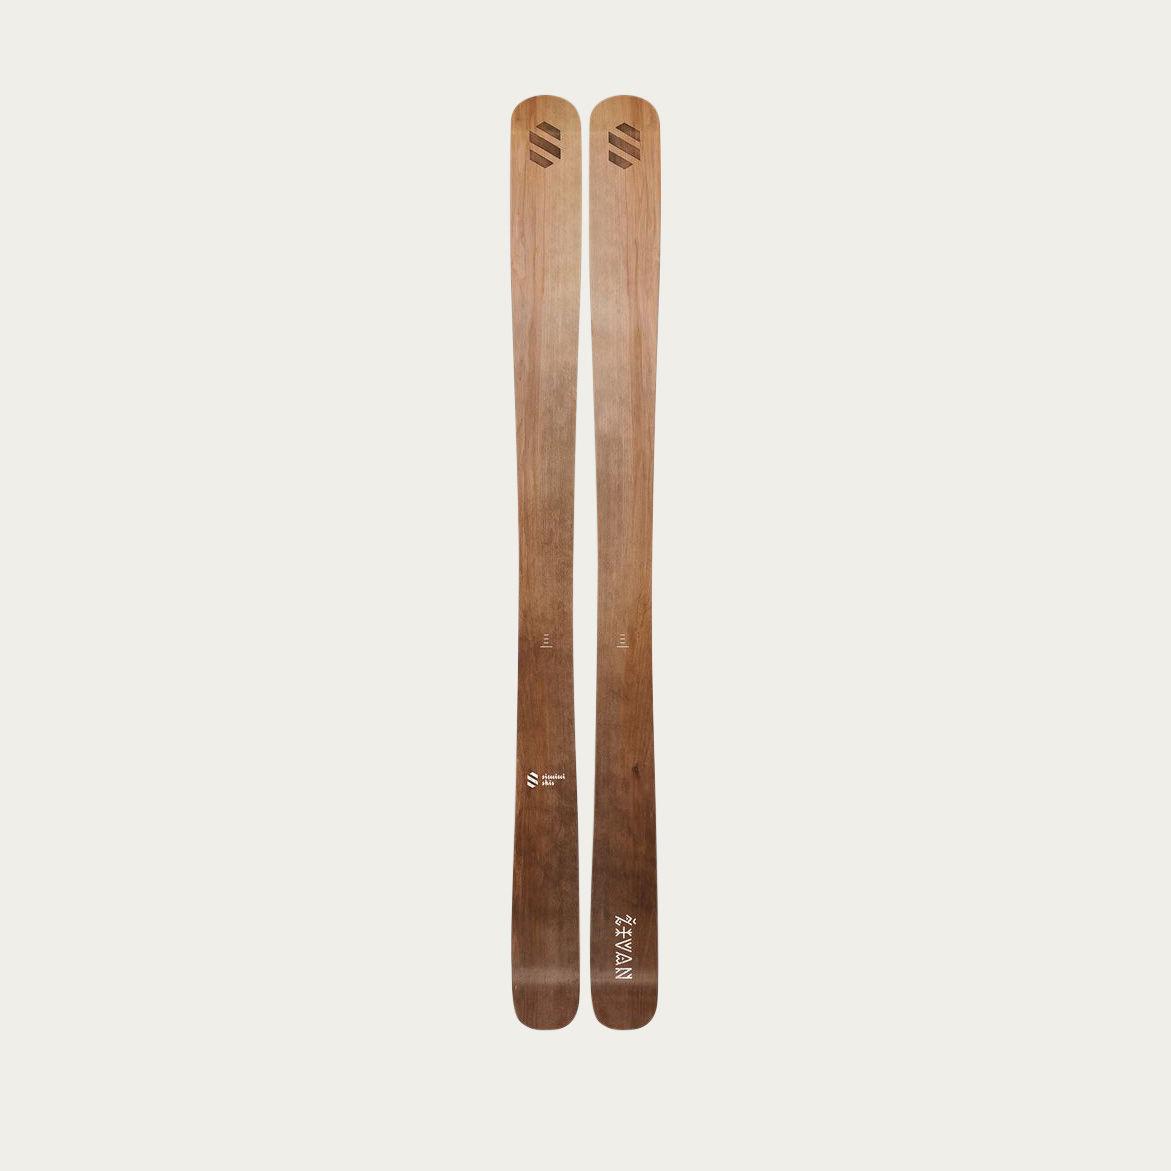 Živan Simini Skis  | Bombinate